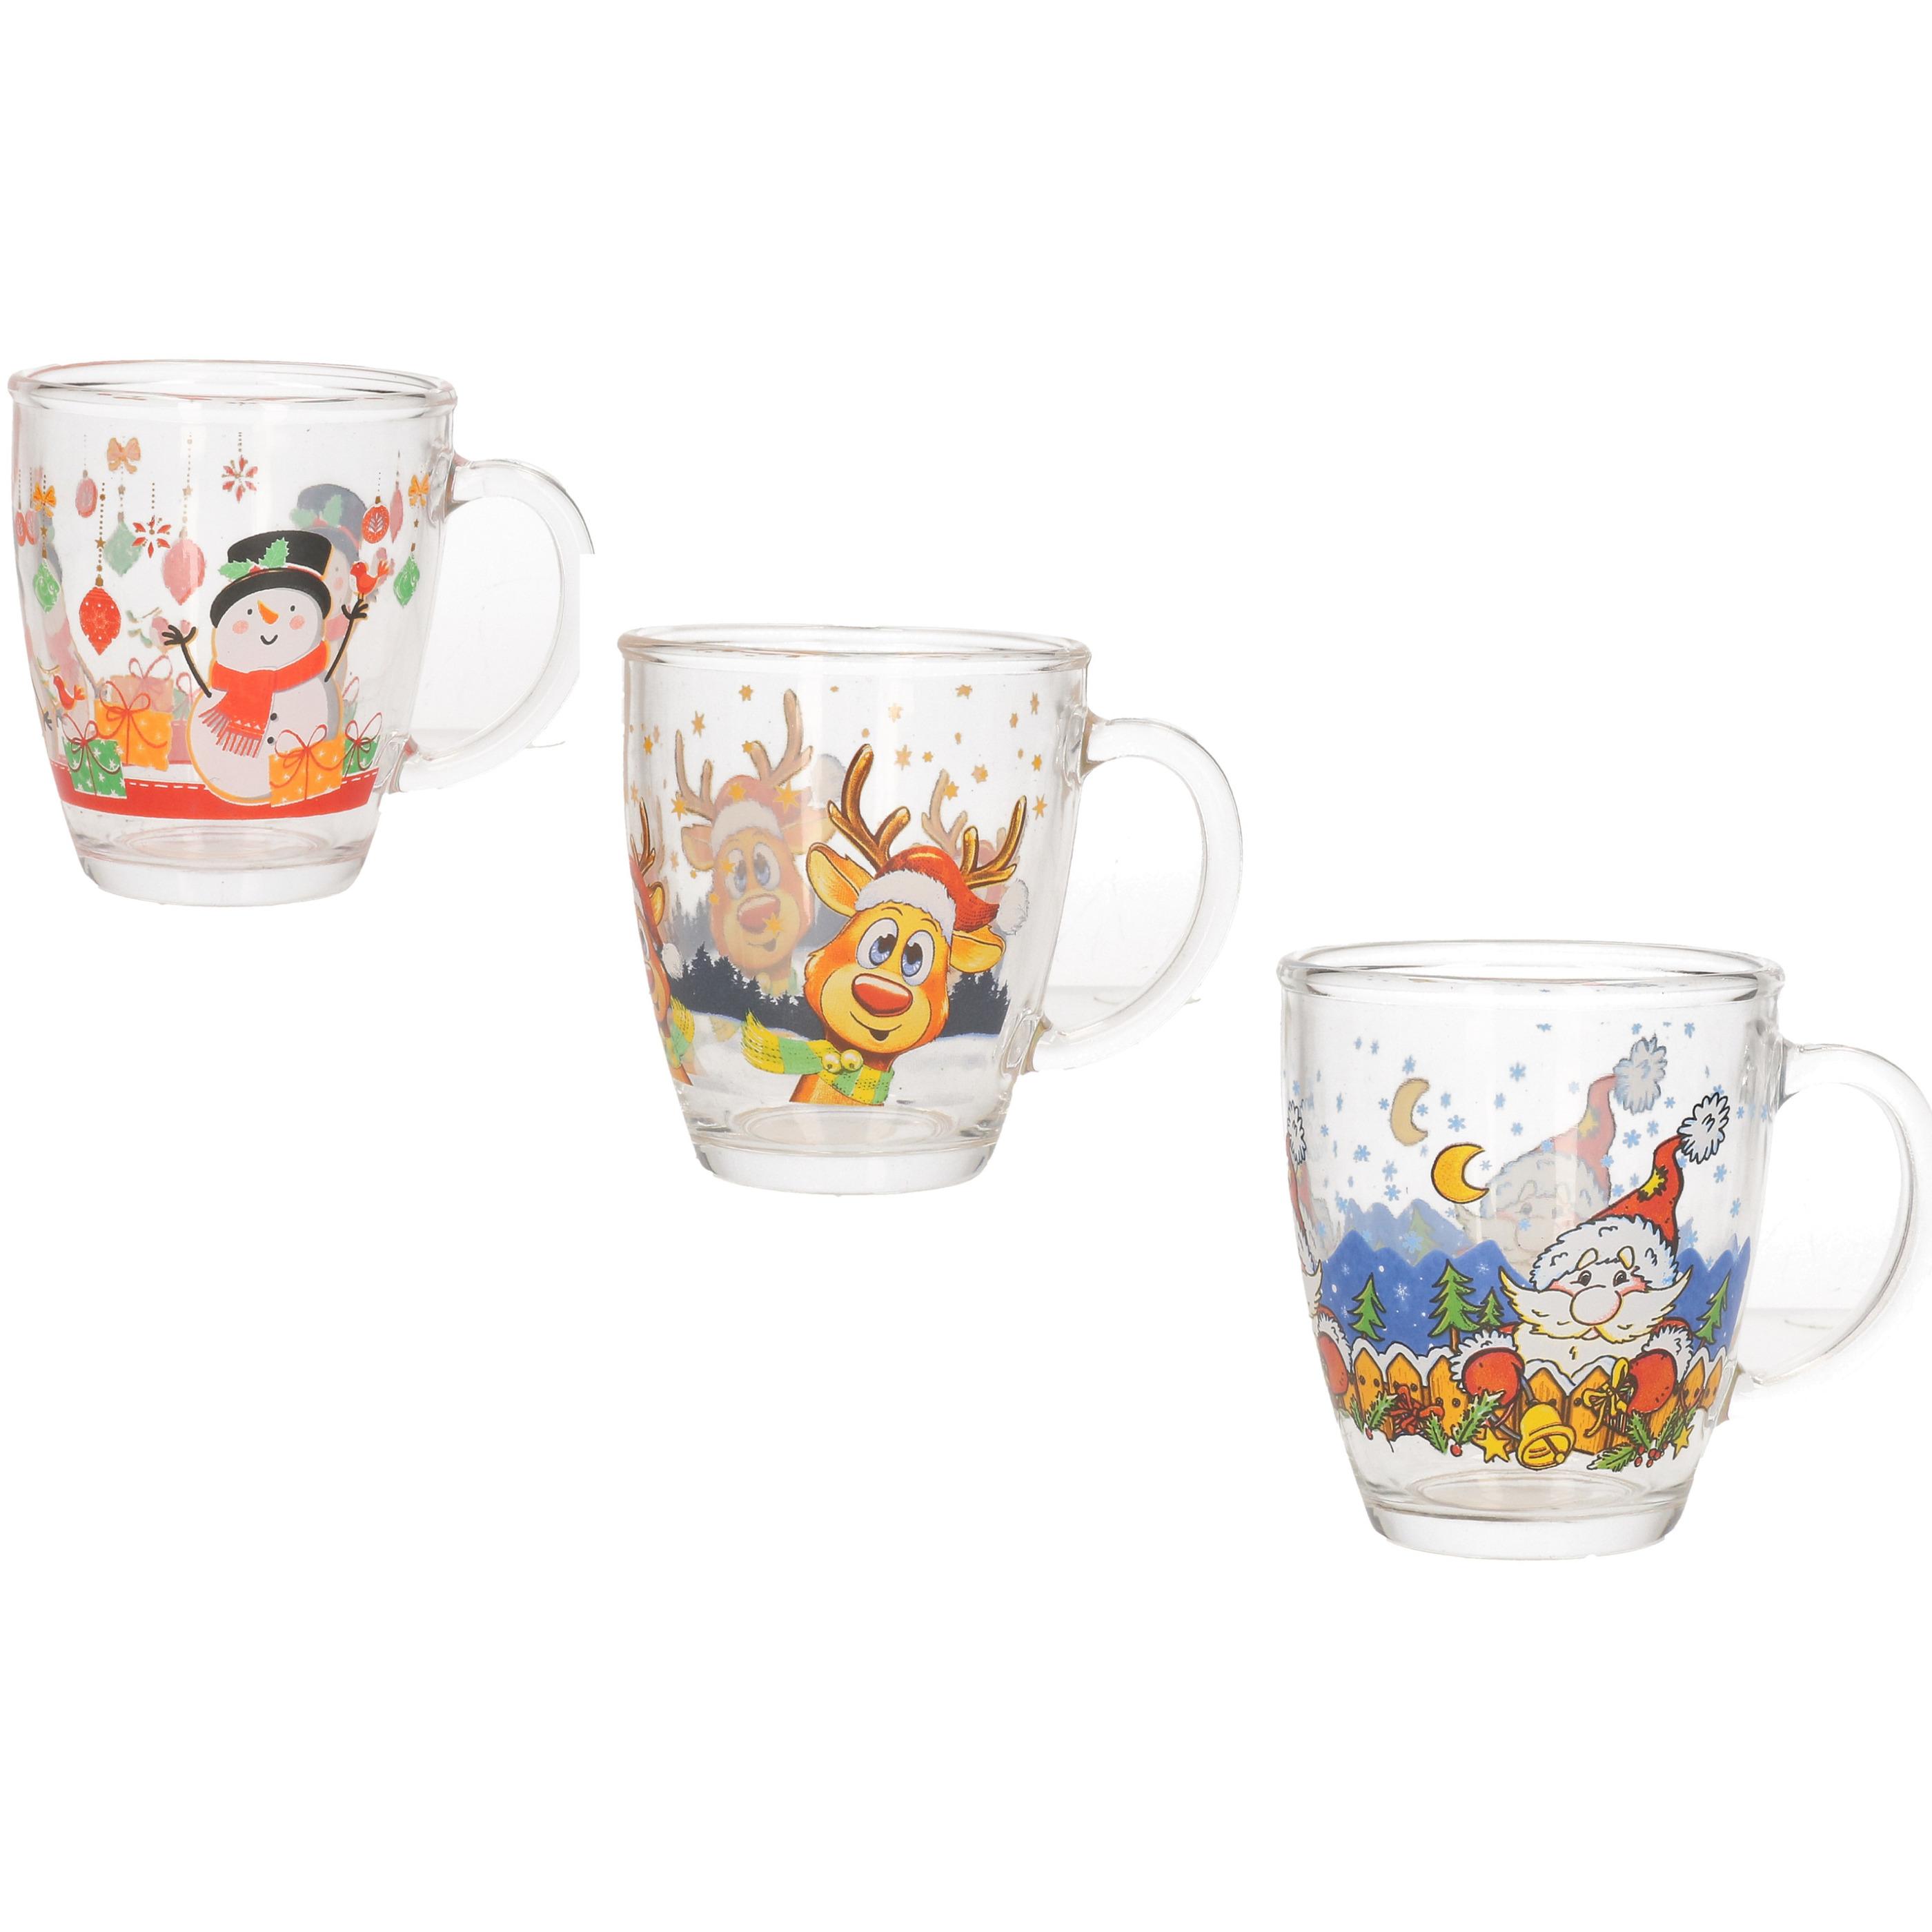 3x Glazen kerst mokken-bekers 300 ml Kinderbekers-kindermokken